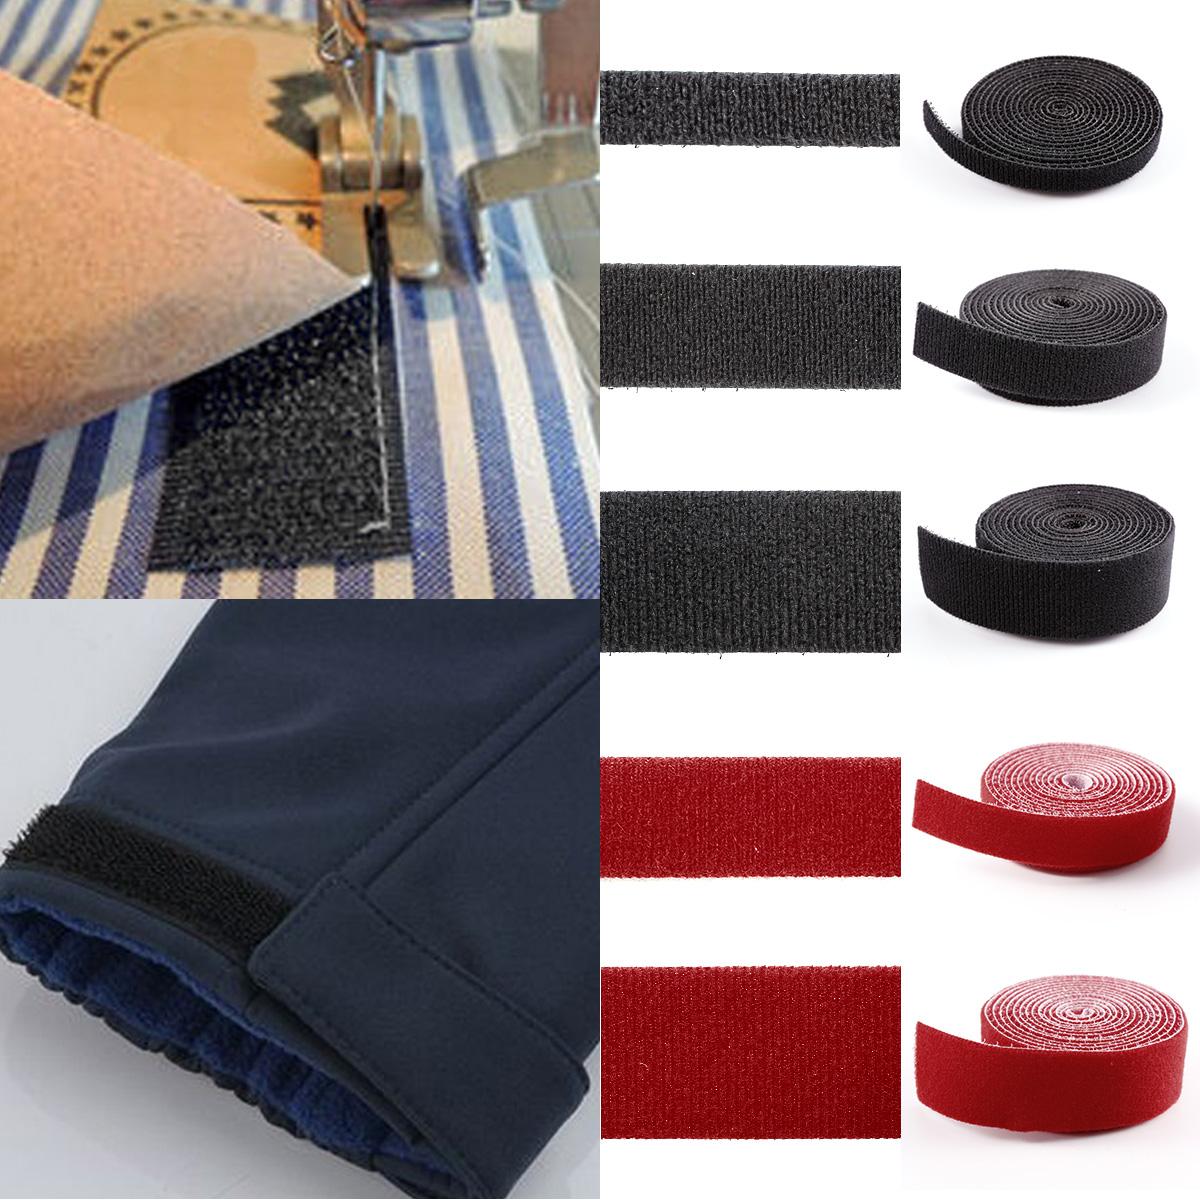 1 8 m klettband back to back beidseitig klettkabelbinder klettverschluss klett ebay. Black Bedroom Furniture Sets. Home Design Ideas